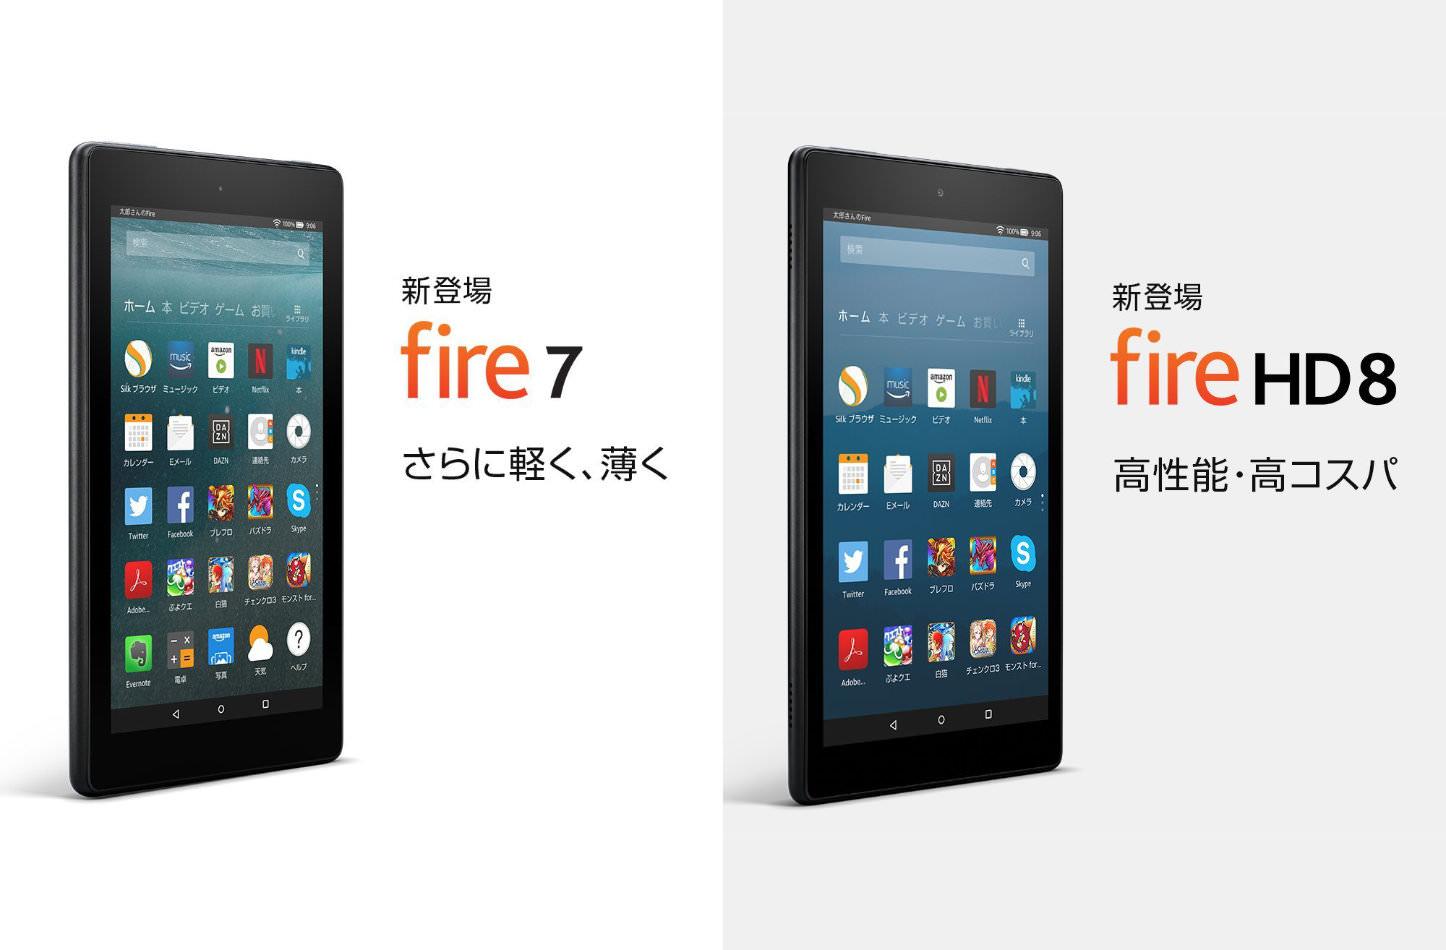 New Fire7 FireHD8